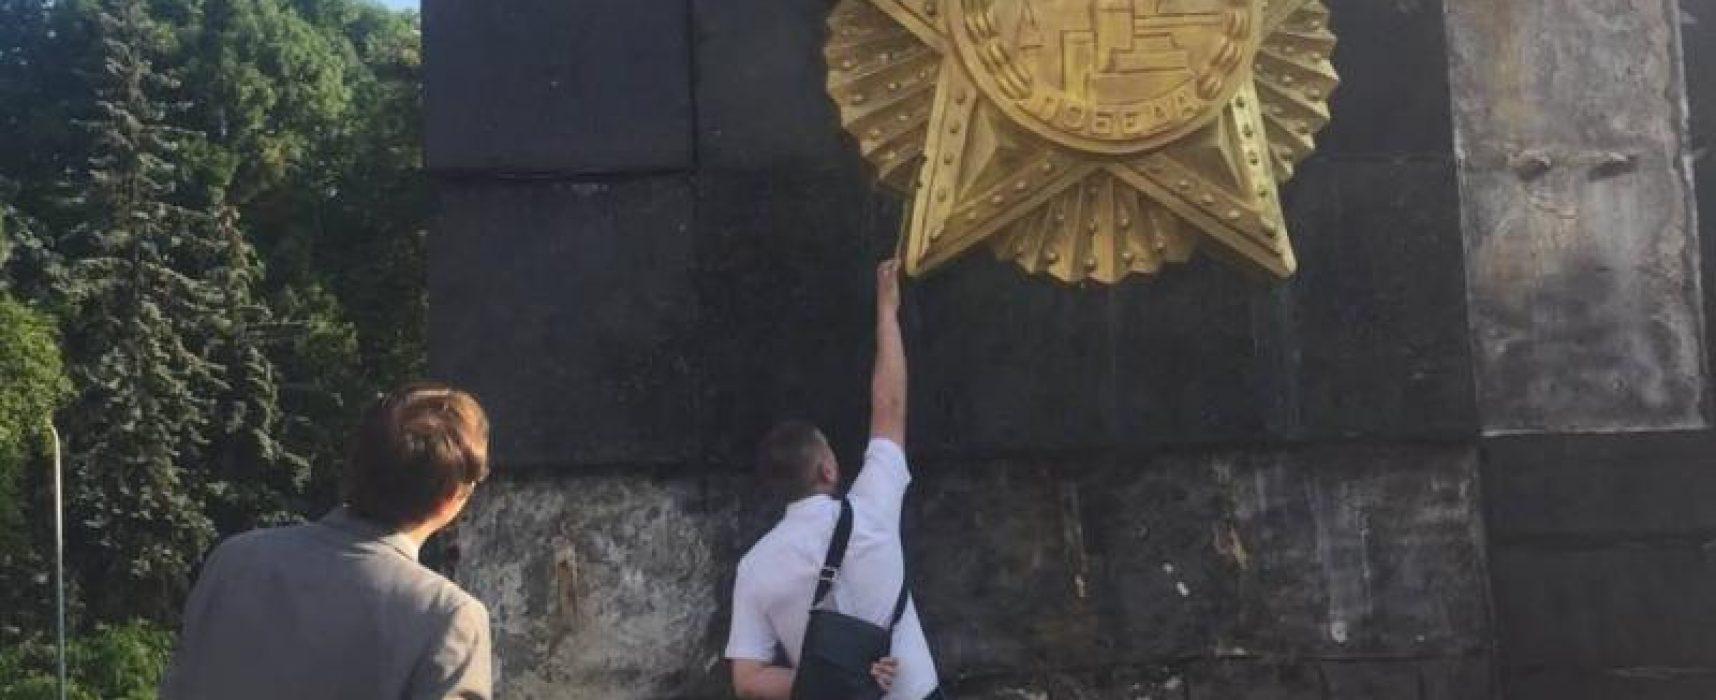 Фейк: во Львове сносят Монумент Славы